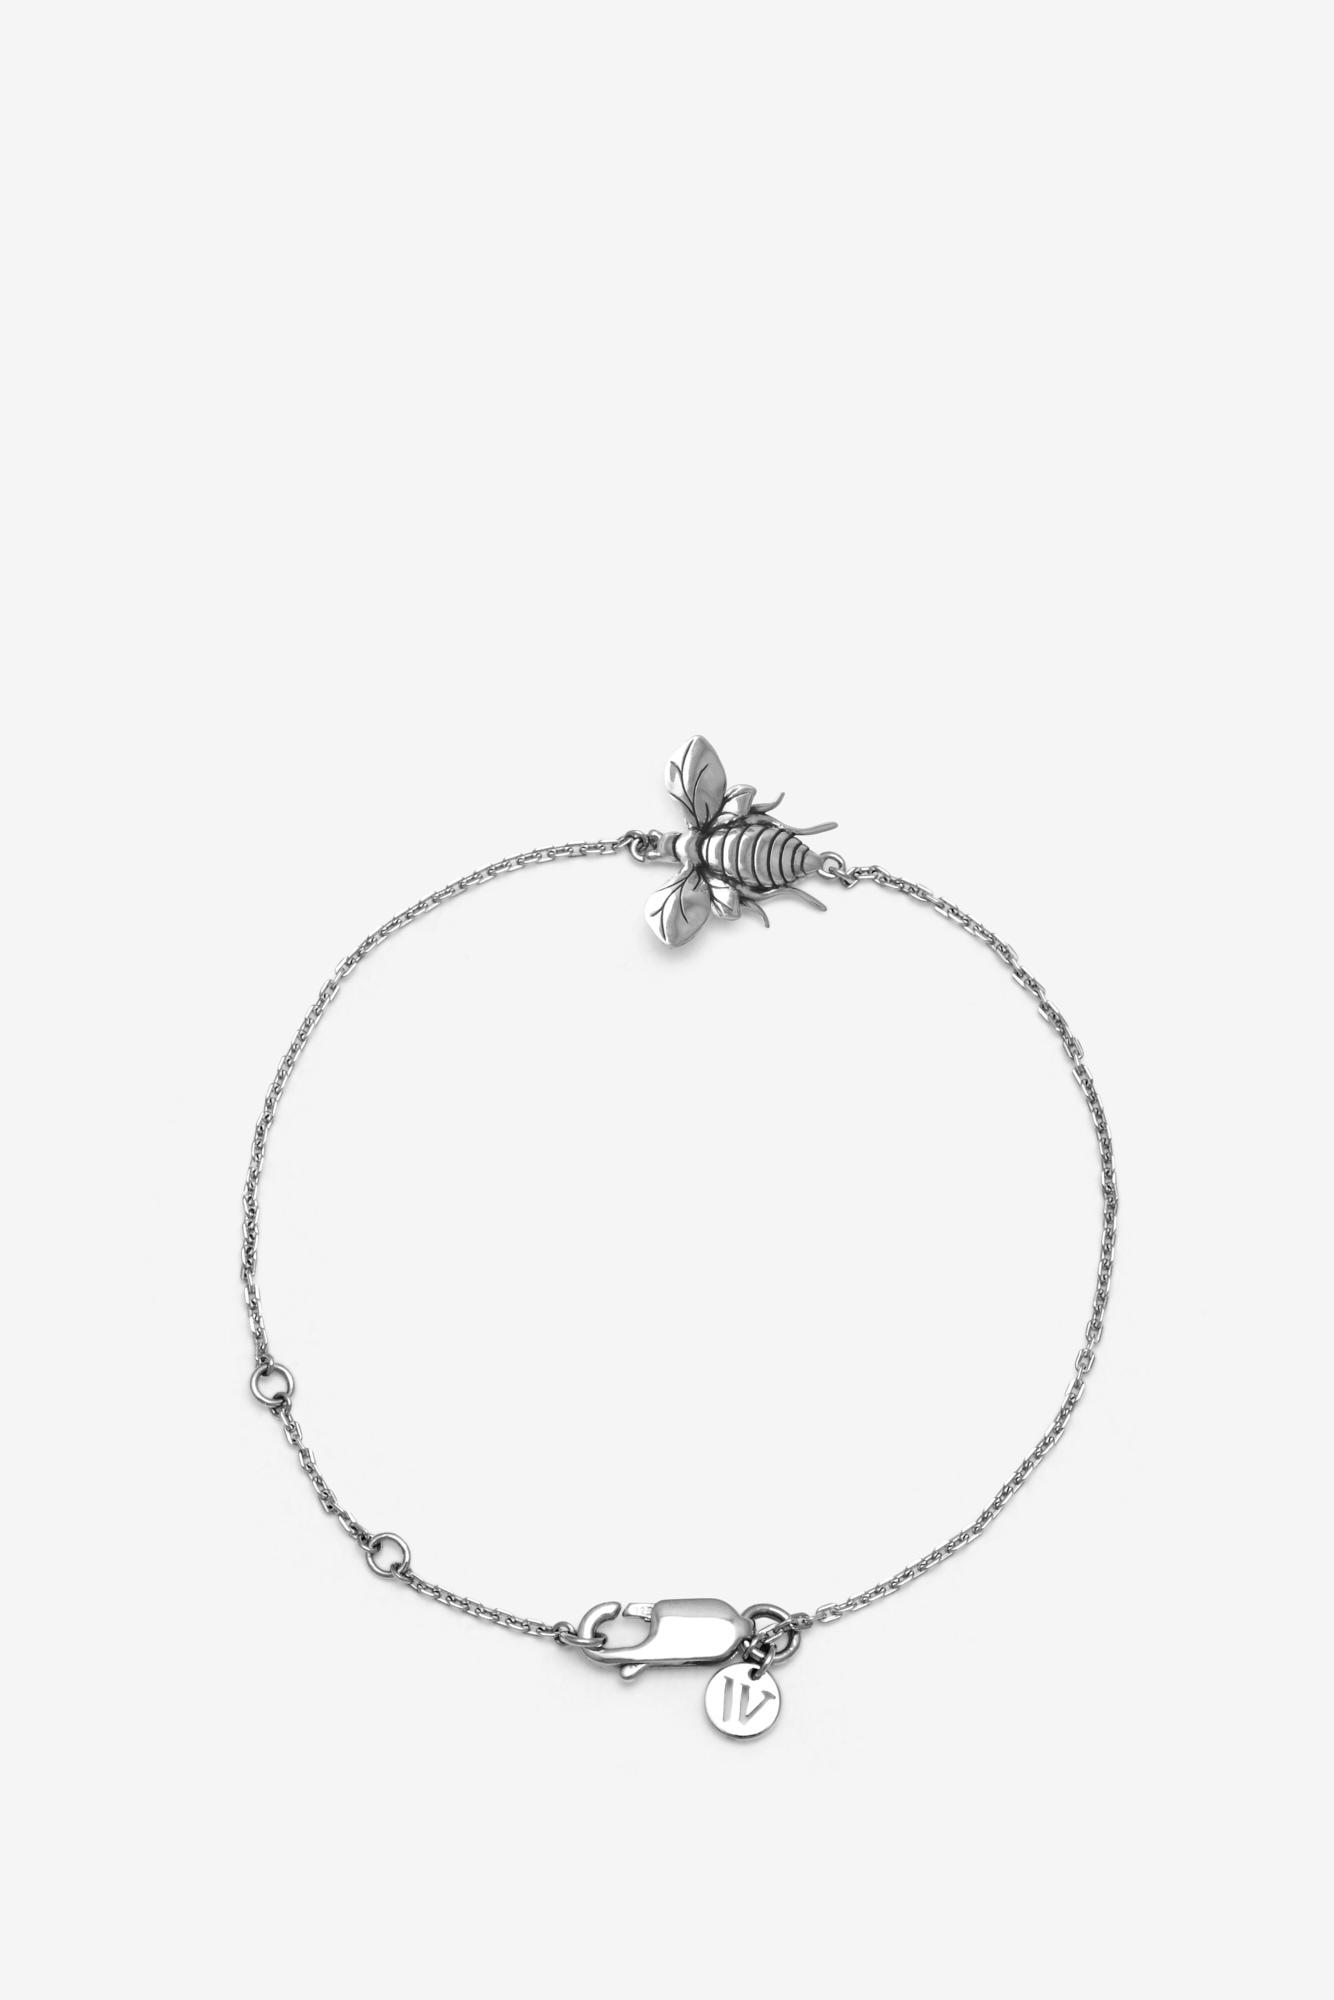 19-03-5-1-004-114-12_Bee Bracelet_Silver_03